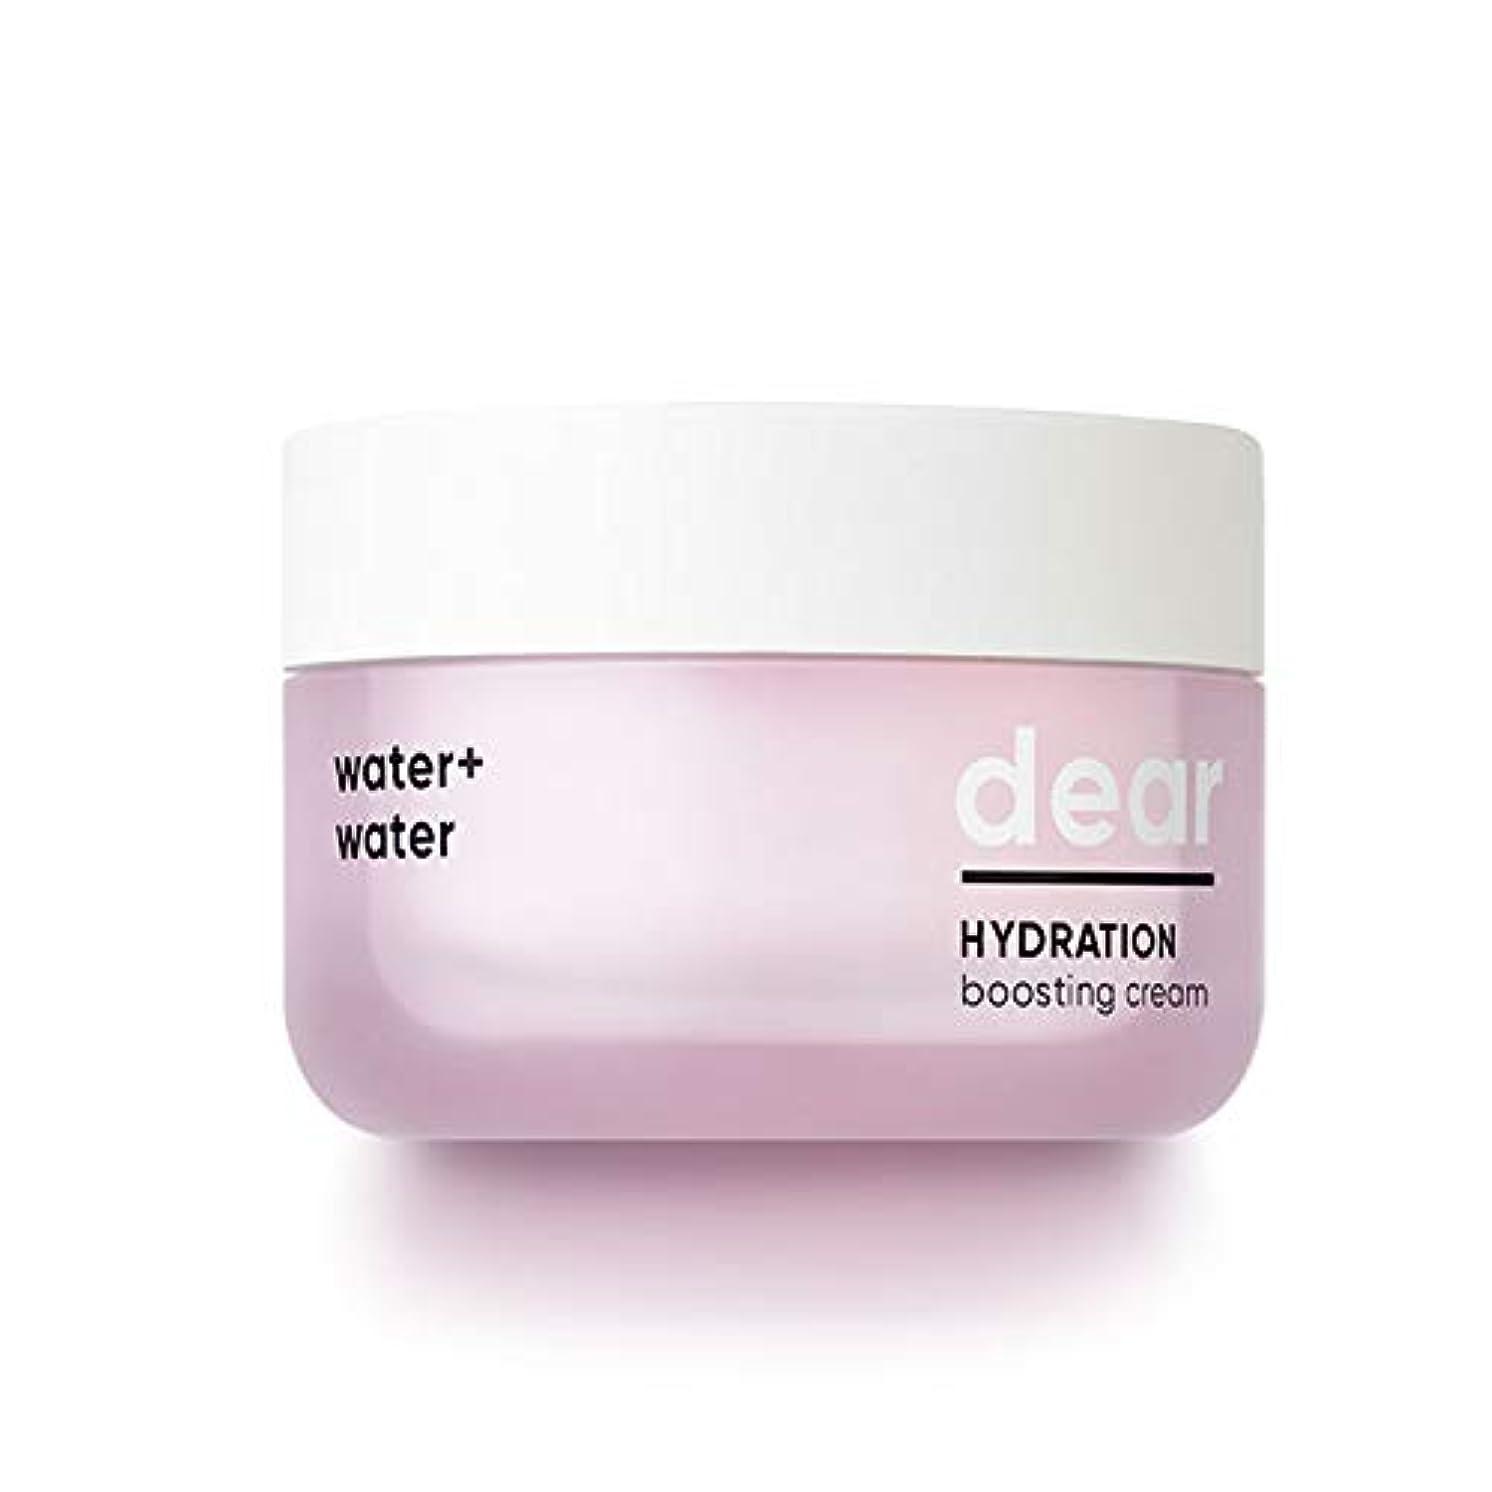 心のこもった政治家のひそかにBANILA CO(バニラコ) ディア ハイドレーション ブースティングクローム Dear Hydration Boosting Cream